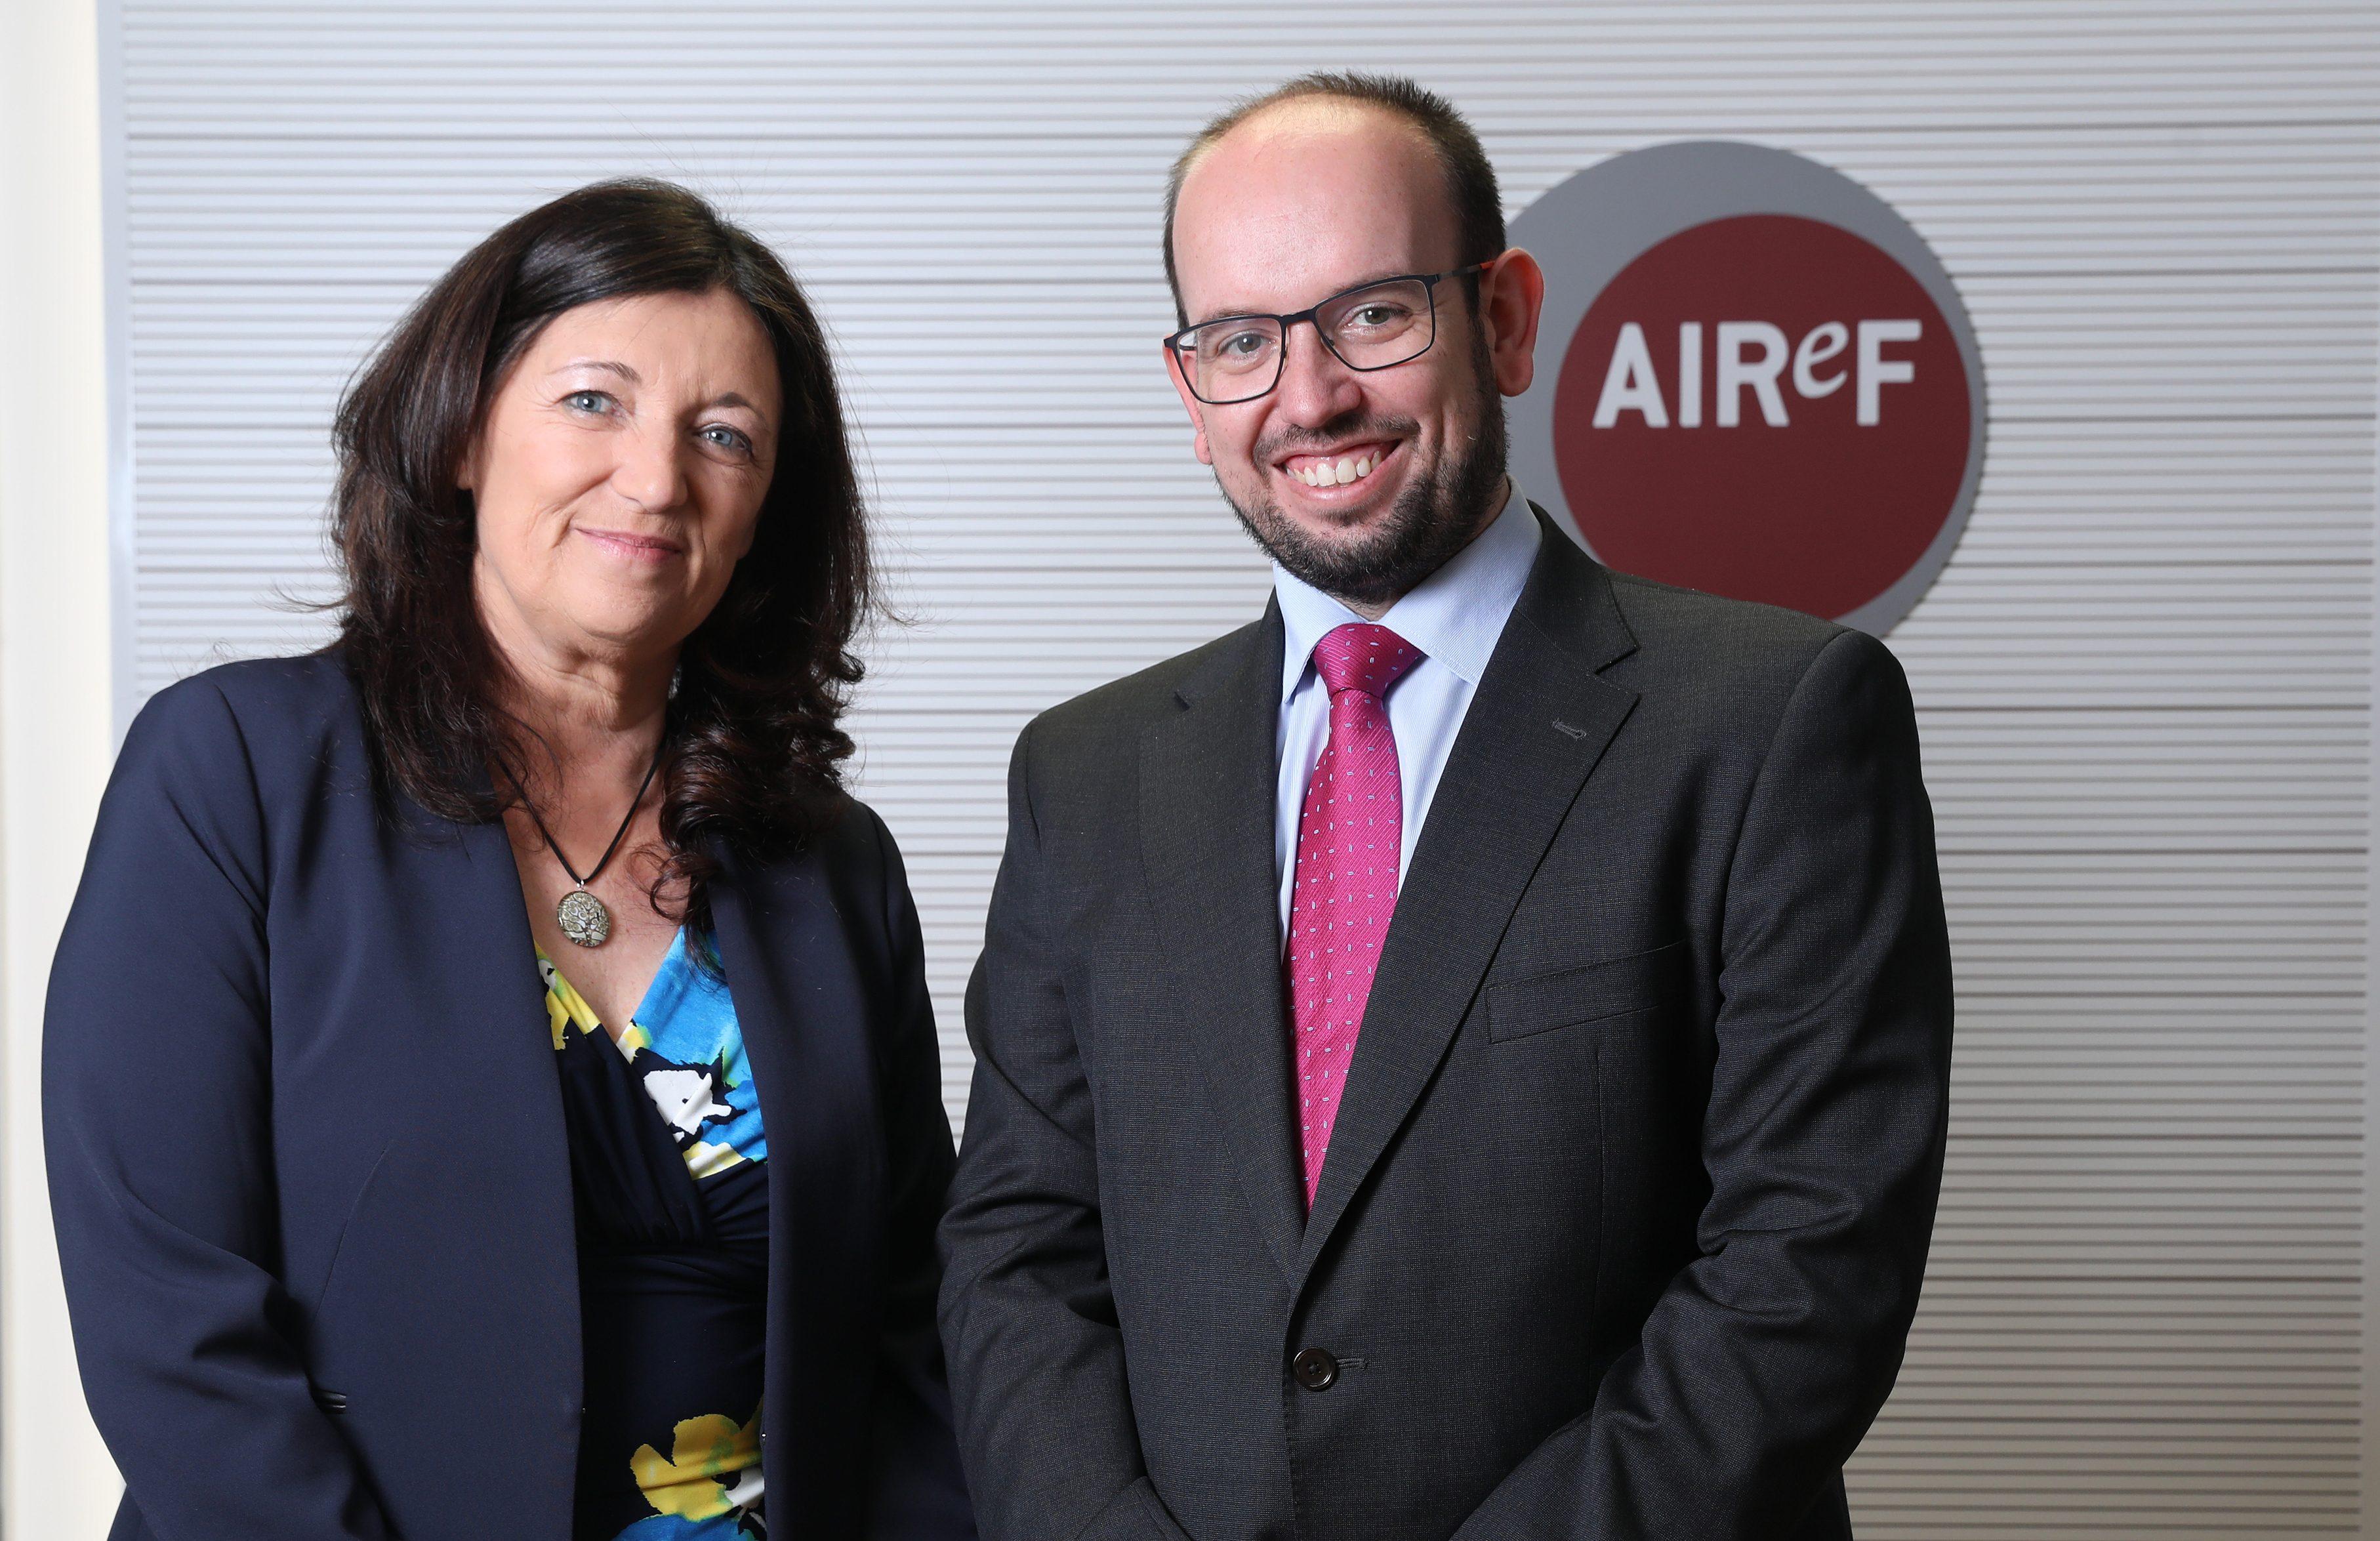 Ignacio Fernández-Huertas Moraga y Esther Gordo Mora como nuevos directores de la División de Análisis Presupuestario y la División de Análisis Económico de la AIReF